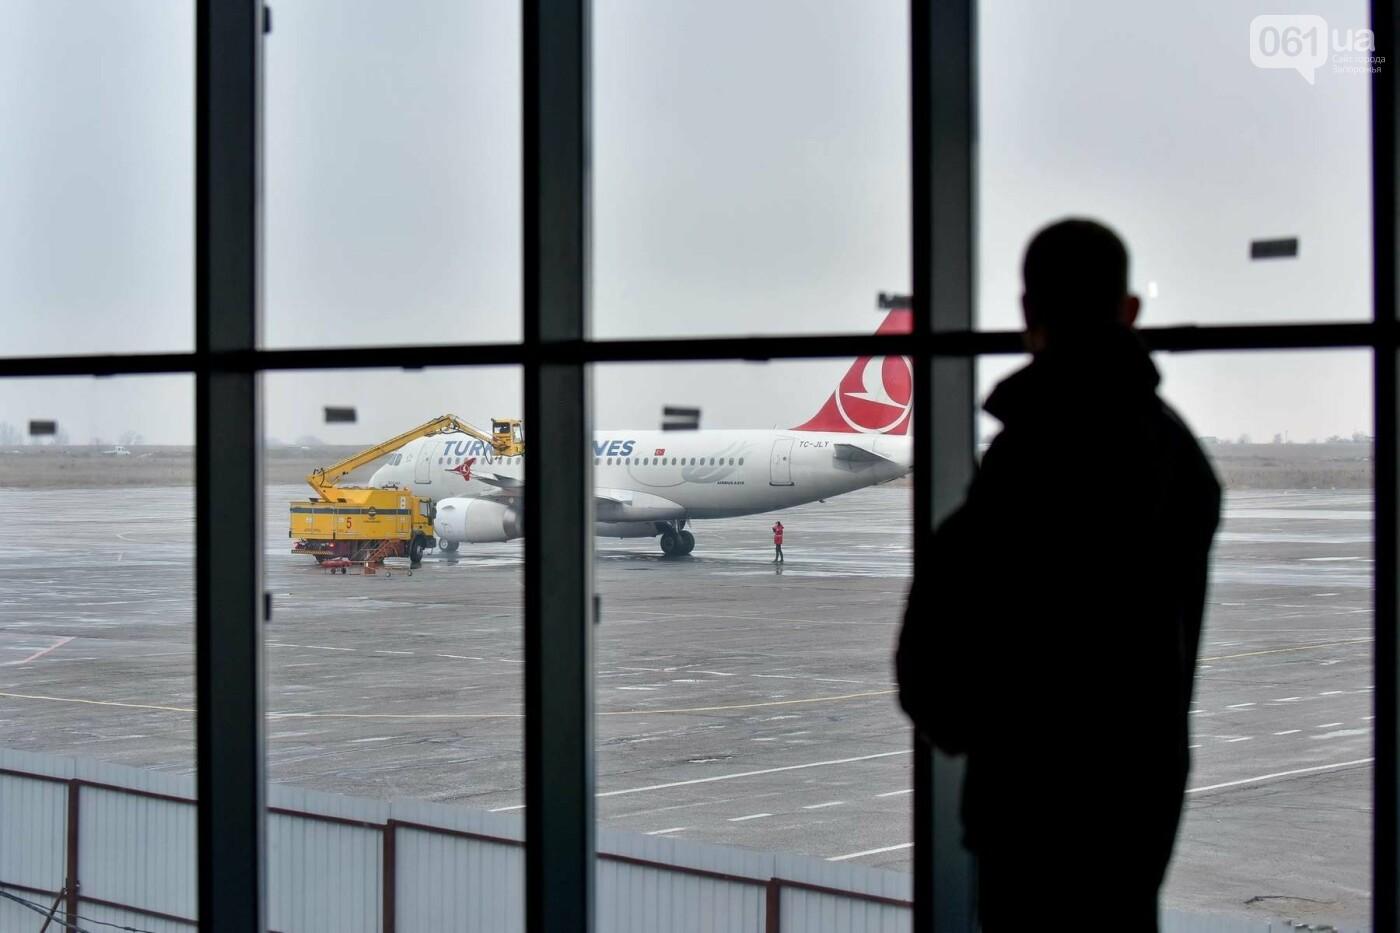 Запорожский аэропорт возьмет кредит на строительство терминала и прогнозирует увеличение пассажиропотока до одного миллиона, — ФОТОРЕПОРТАЖ, фото-6